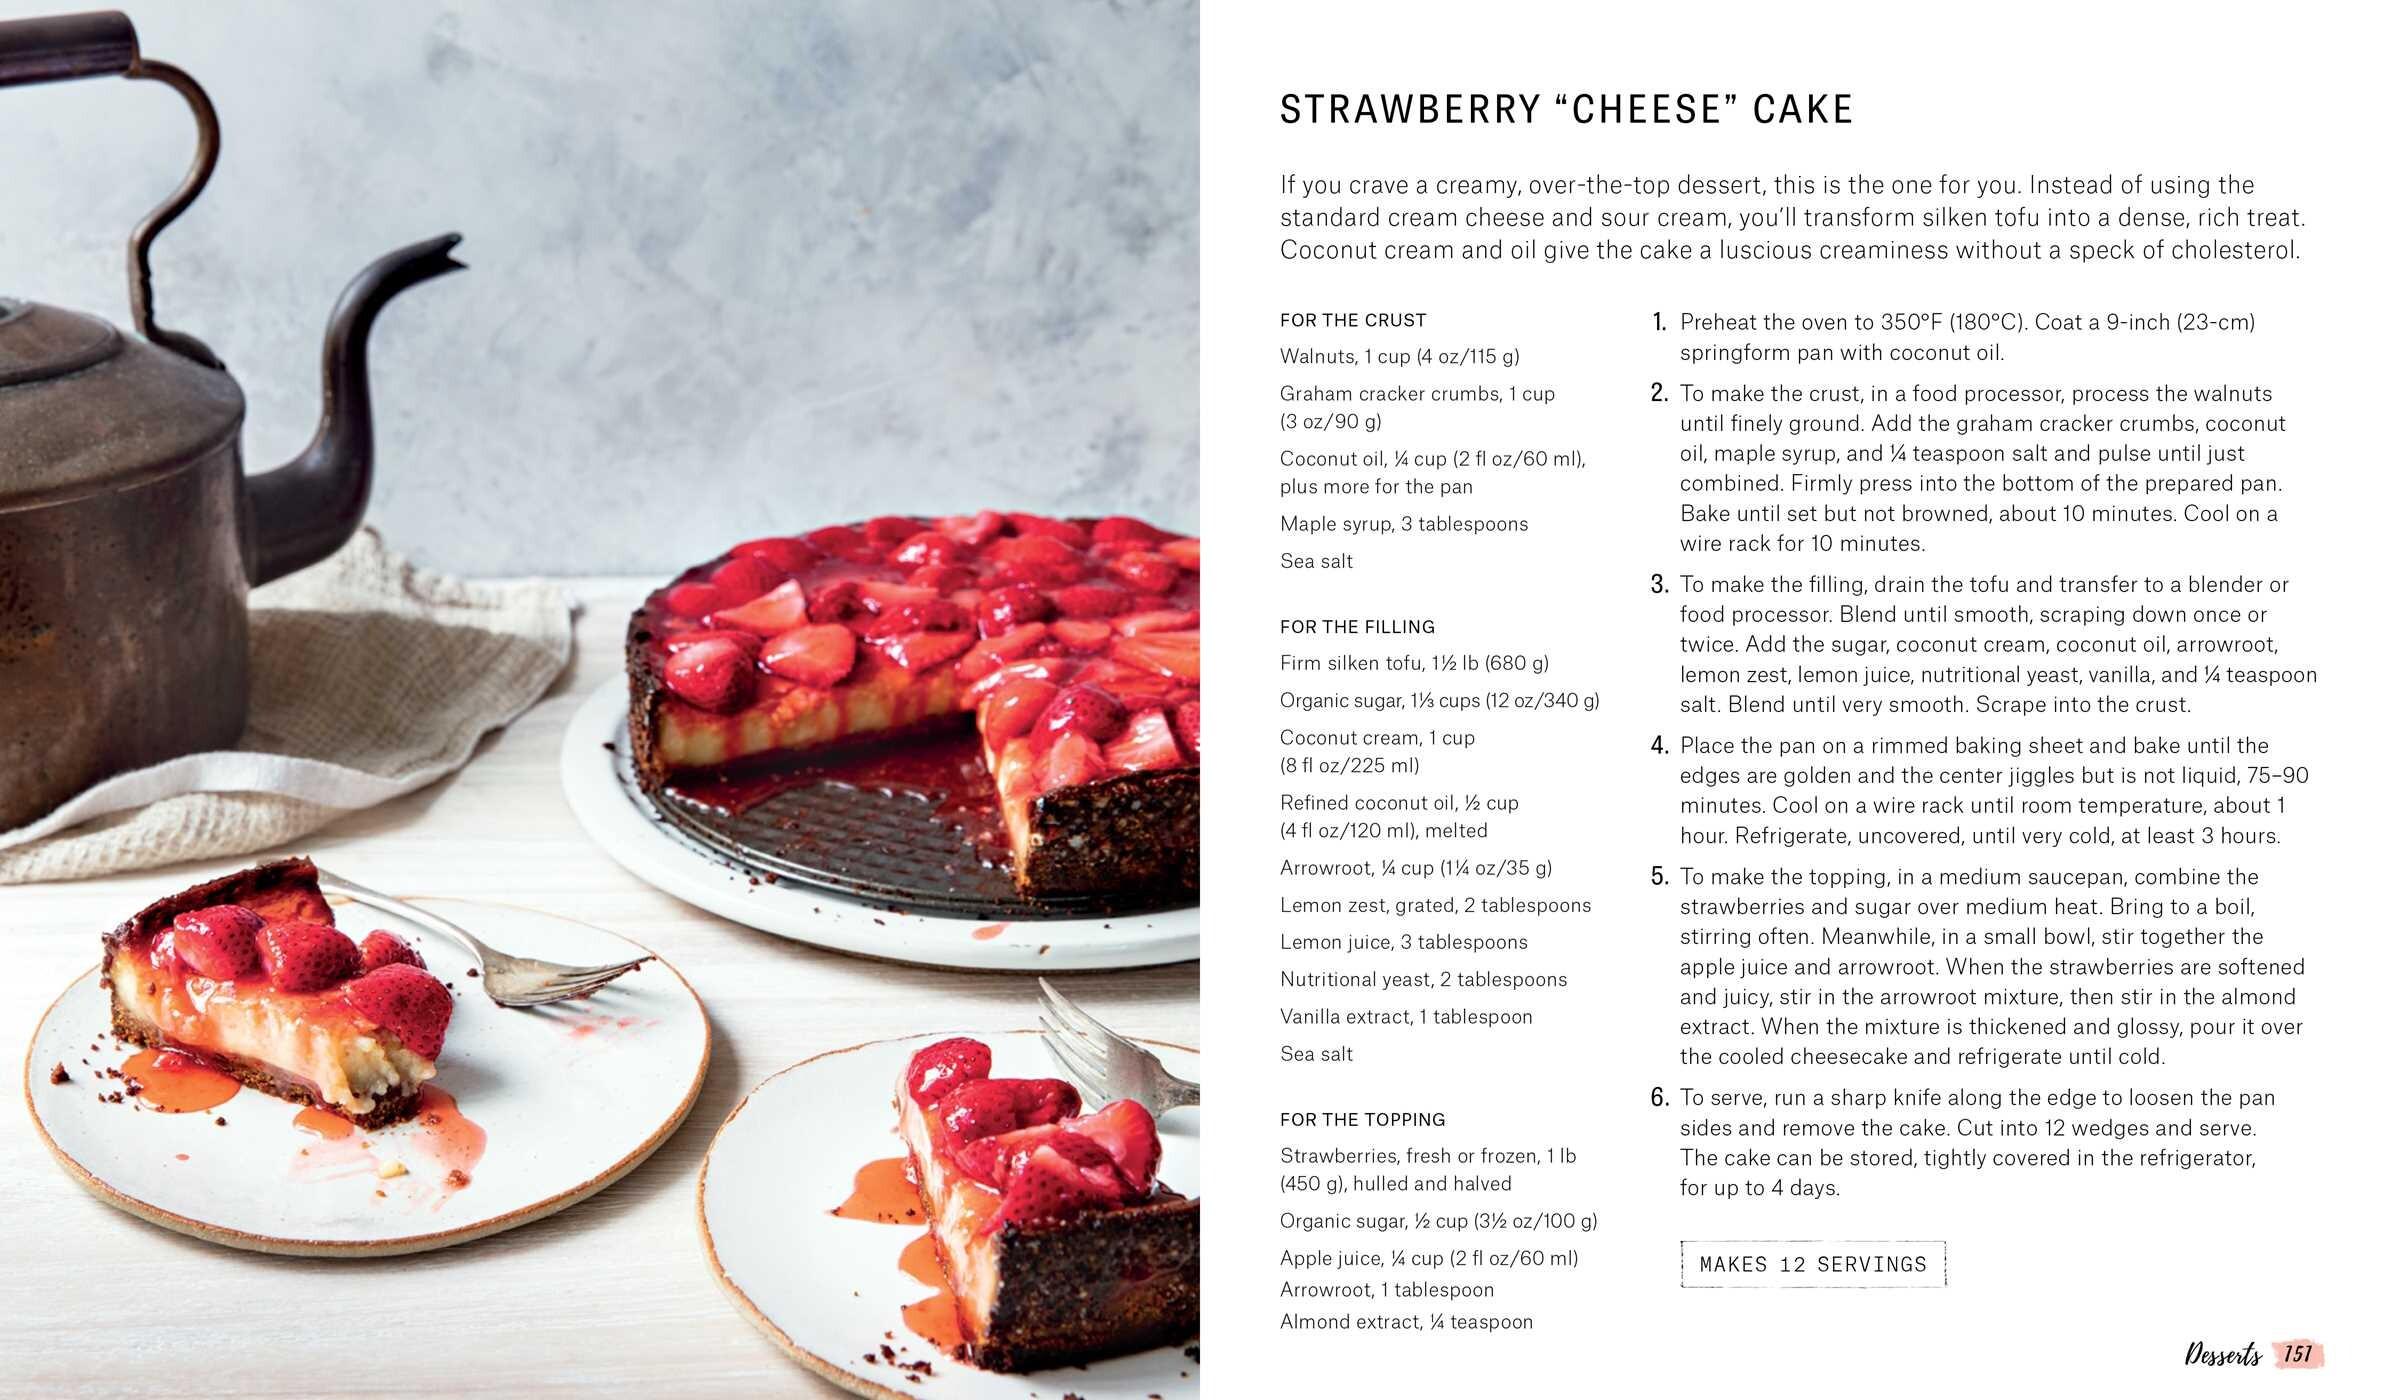 #EATMEATLESS Cookbook - JGI295